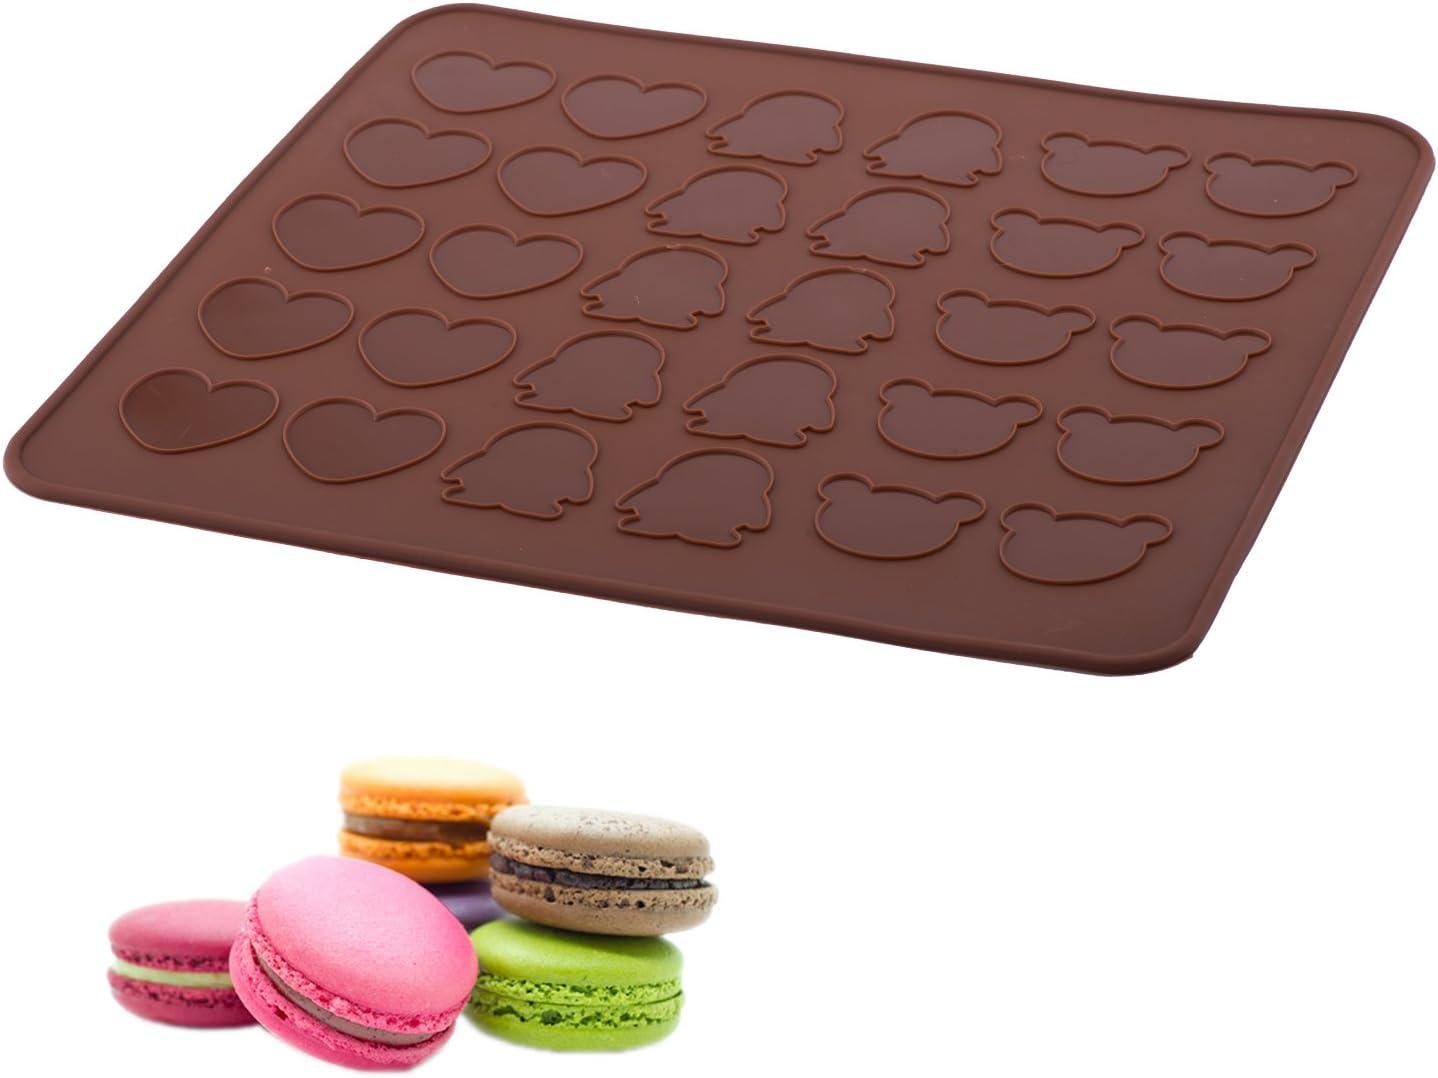 Rouge Brique Silikomart 23.041.00.0065 Mac 01 Tapis pour R/éaliser 48 Macarons Silicone  2 x 18,5 x 37 cm